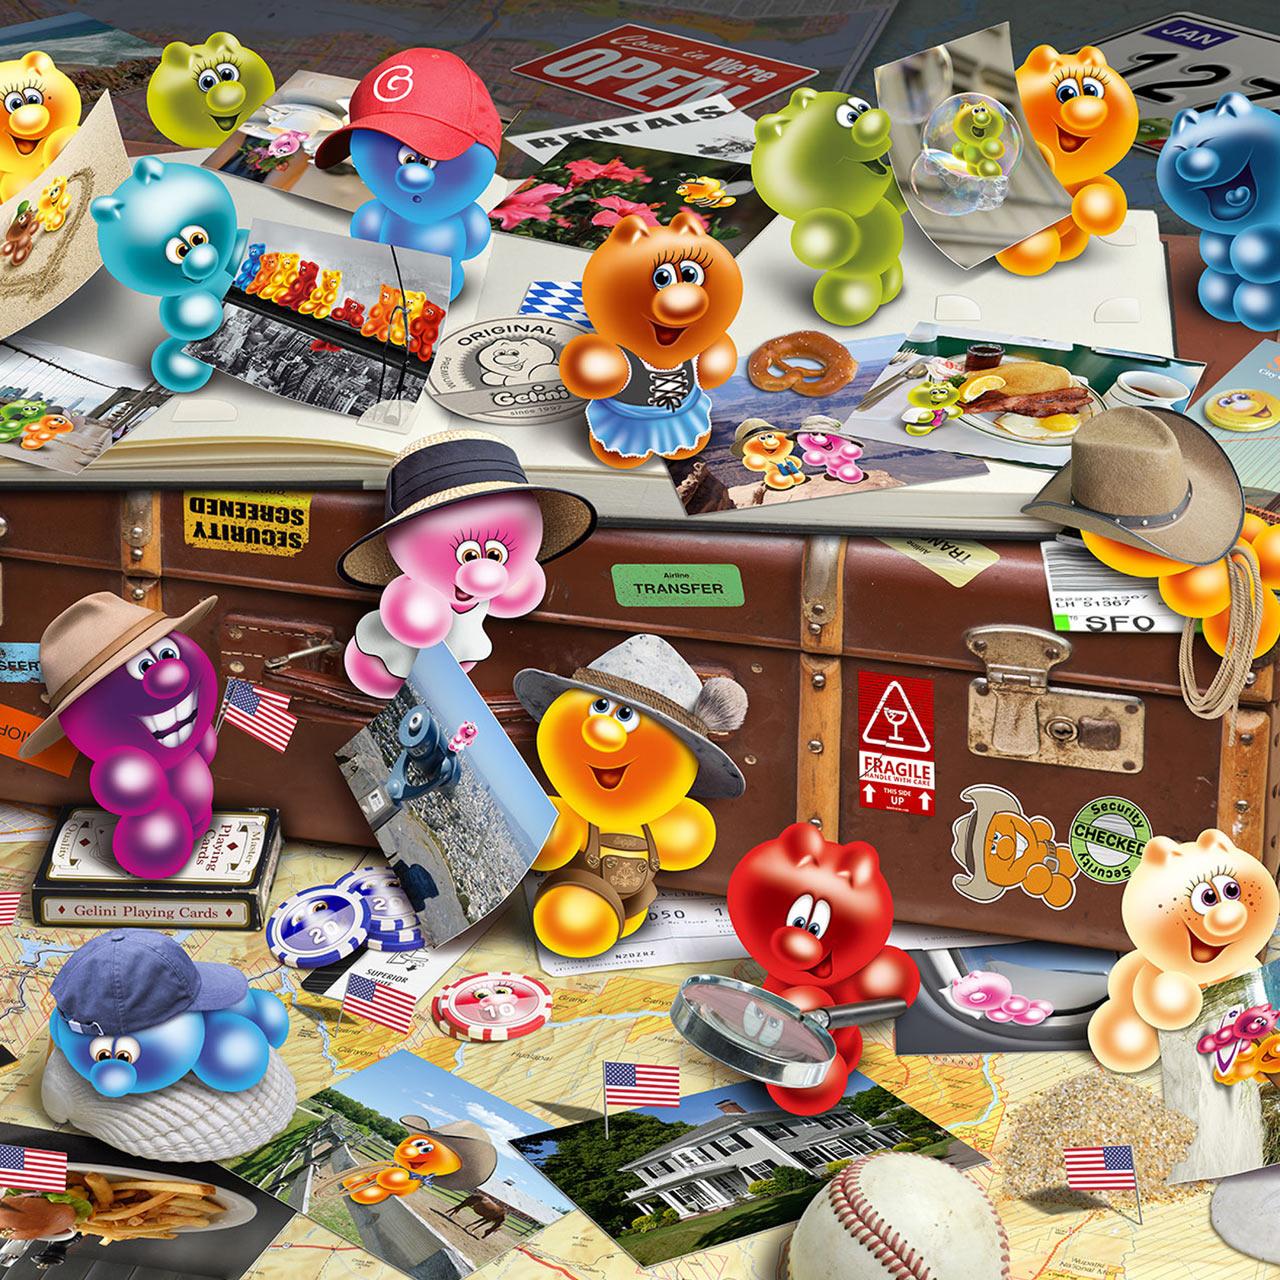 Gelini Puzzle Art